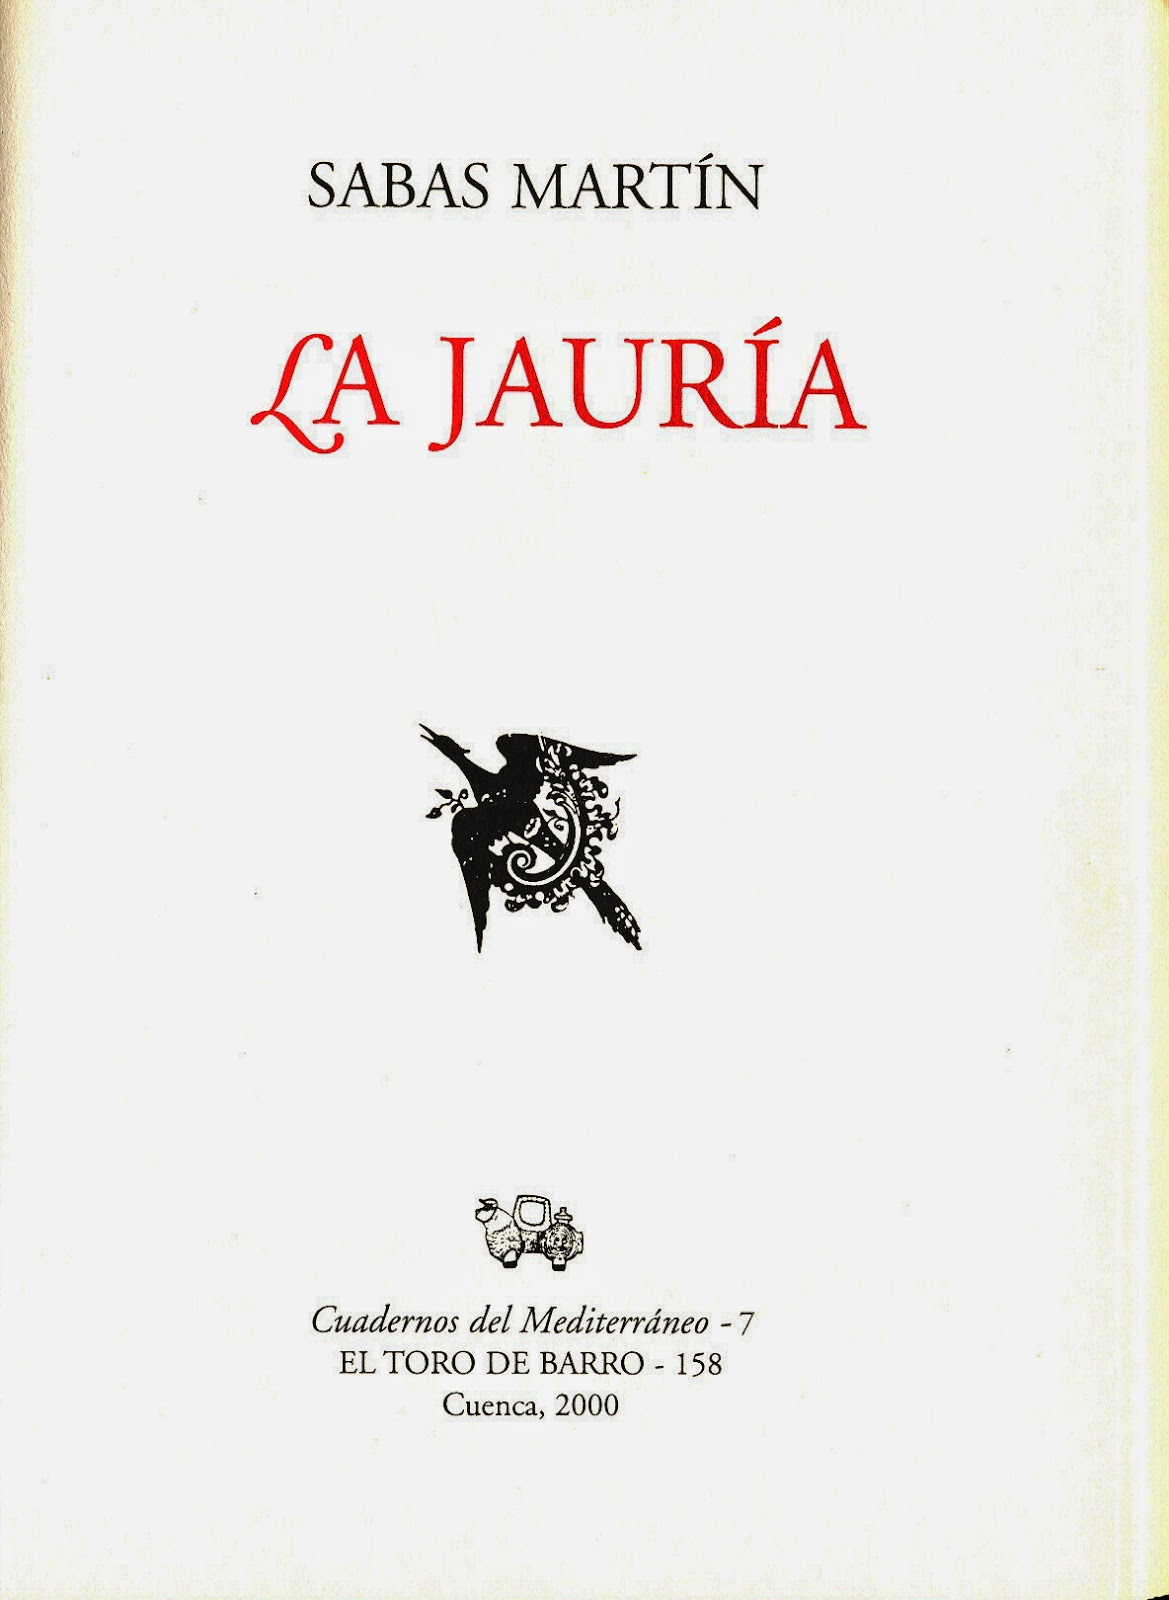 """Sabas Martín, """"La jauría"""". Col. Cuadernos del Mediterráneo. Ed. El Toro de Barro, Tarancón de Cuenca 2000. edicioneseltorodebarro@yahoo.es"""